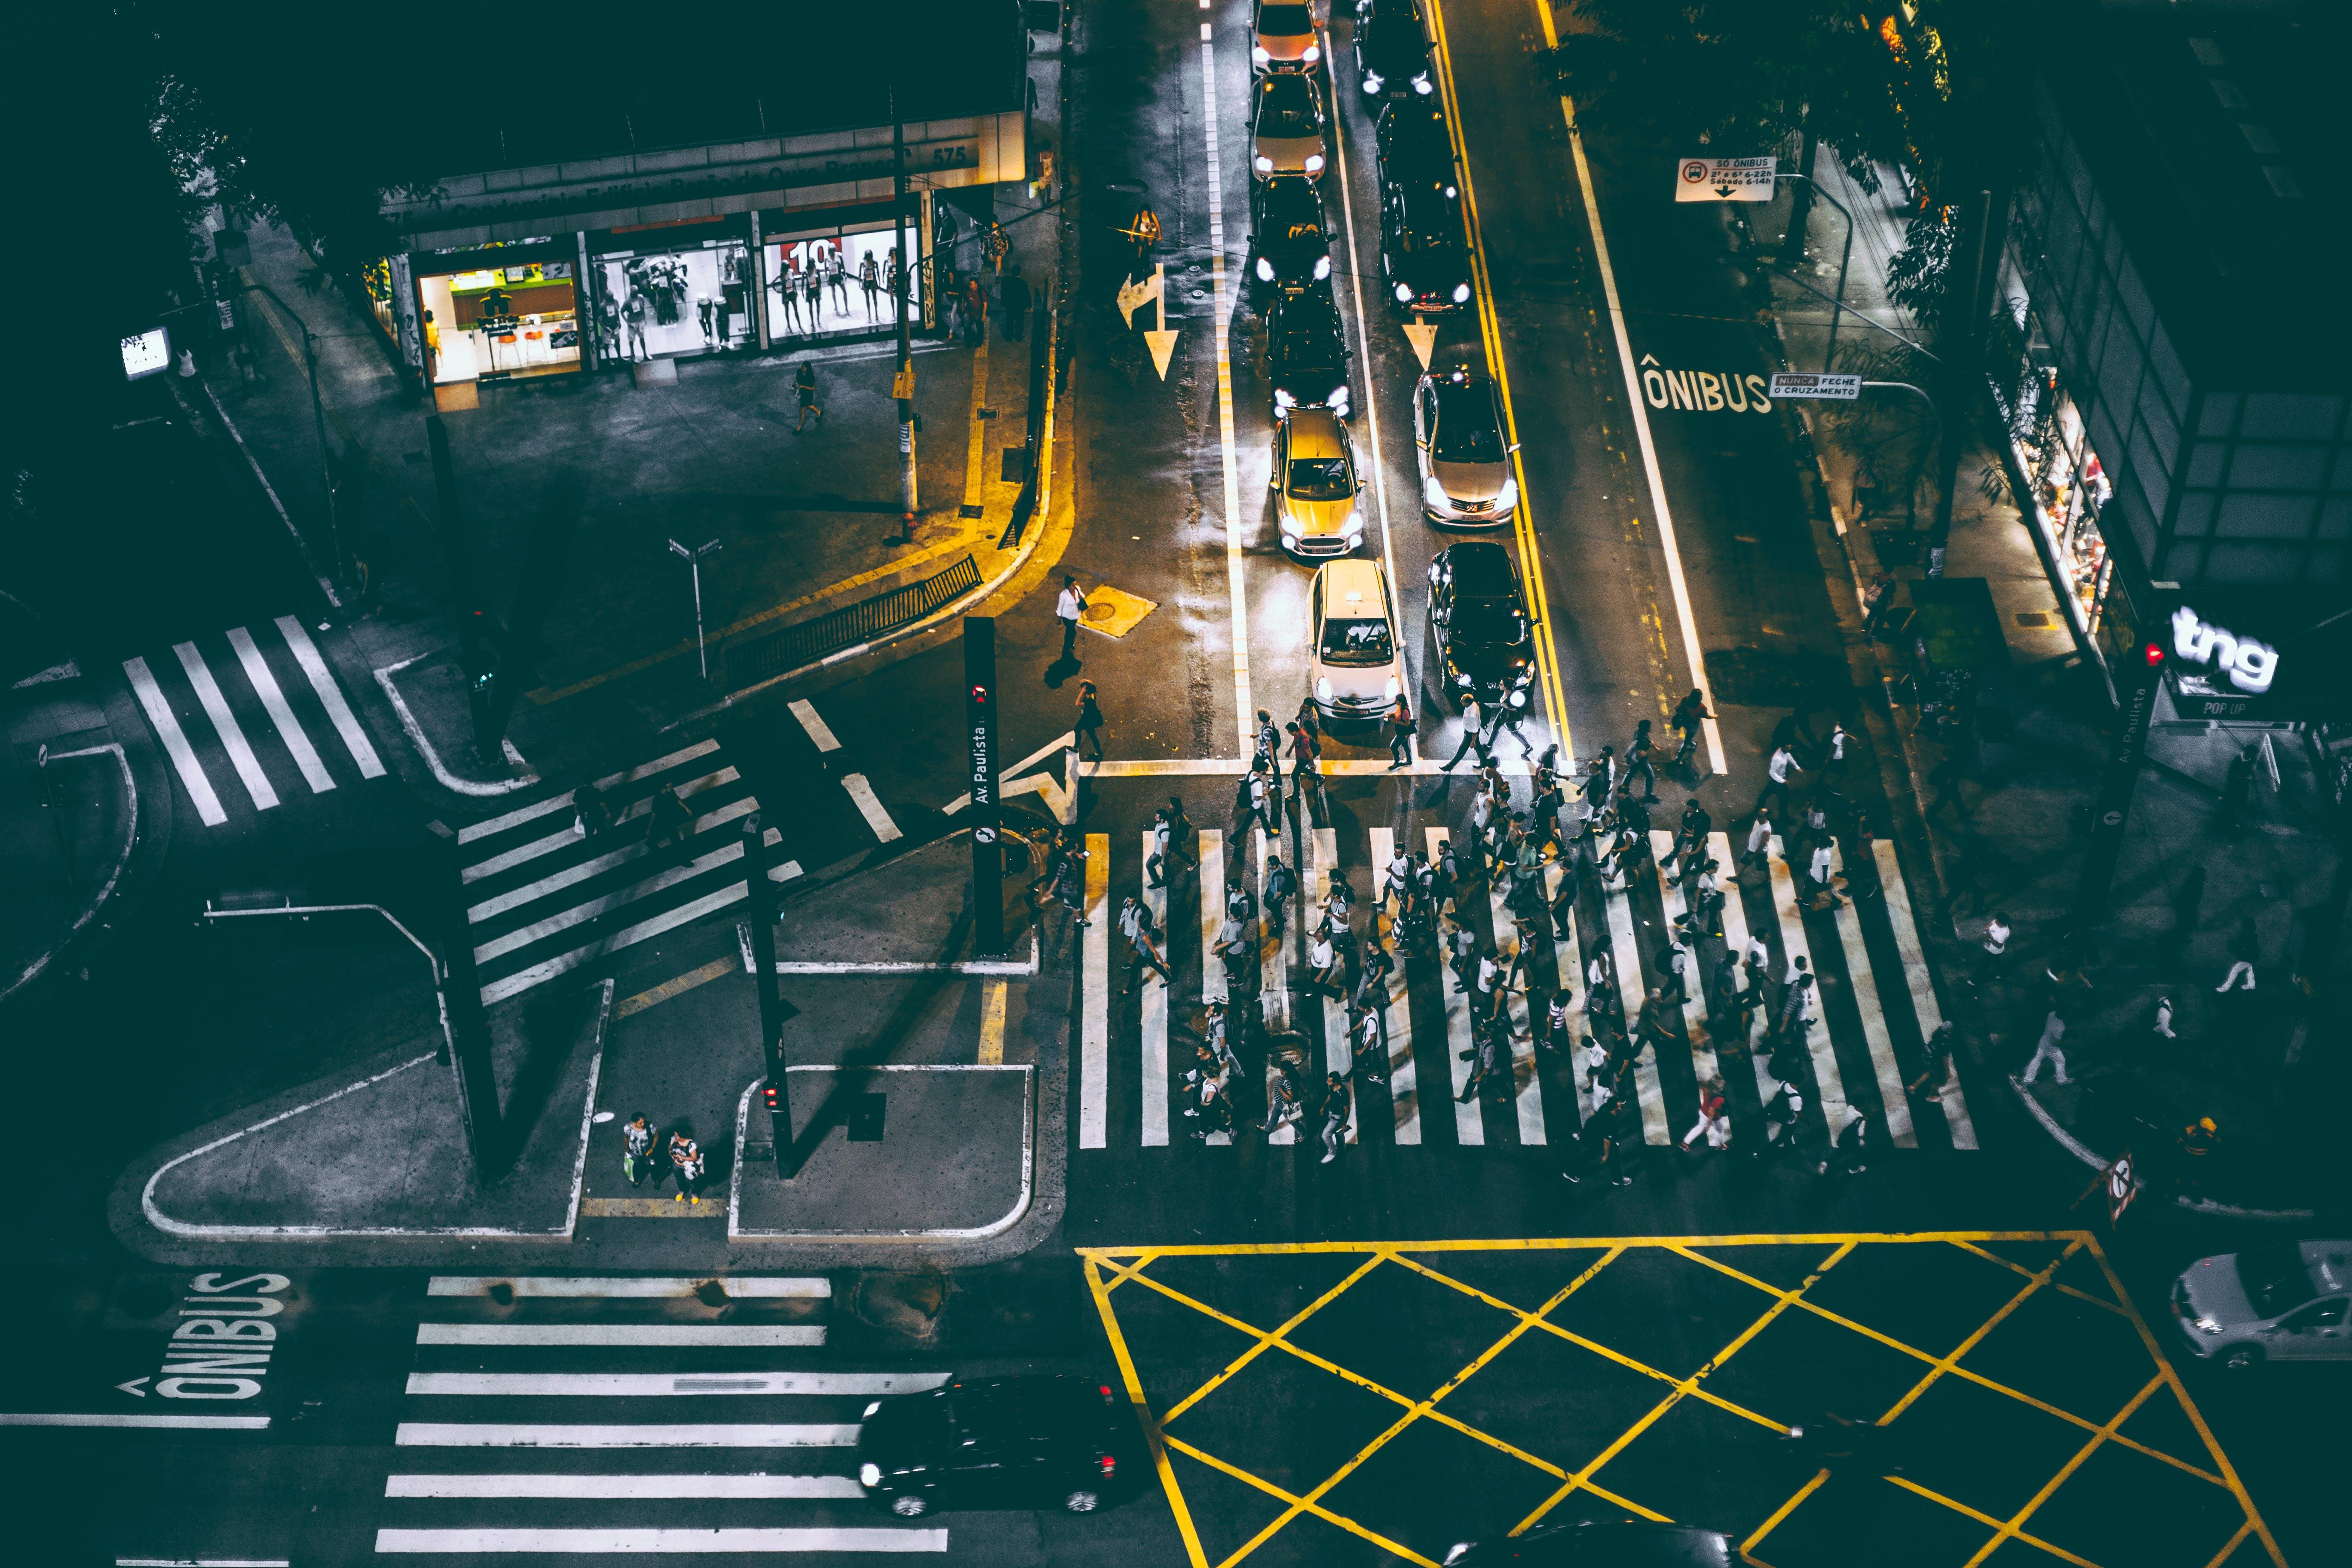 Δωρεάν στοκ φωτογραφιών με απασχολημένος, αστικός, γωνία, διάβαση